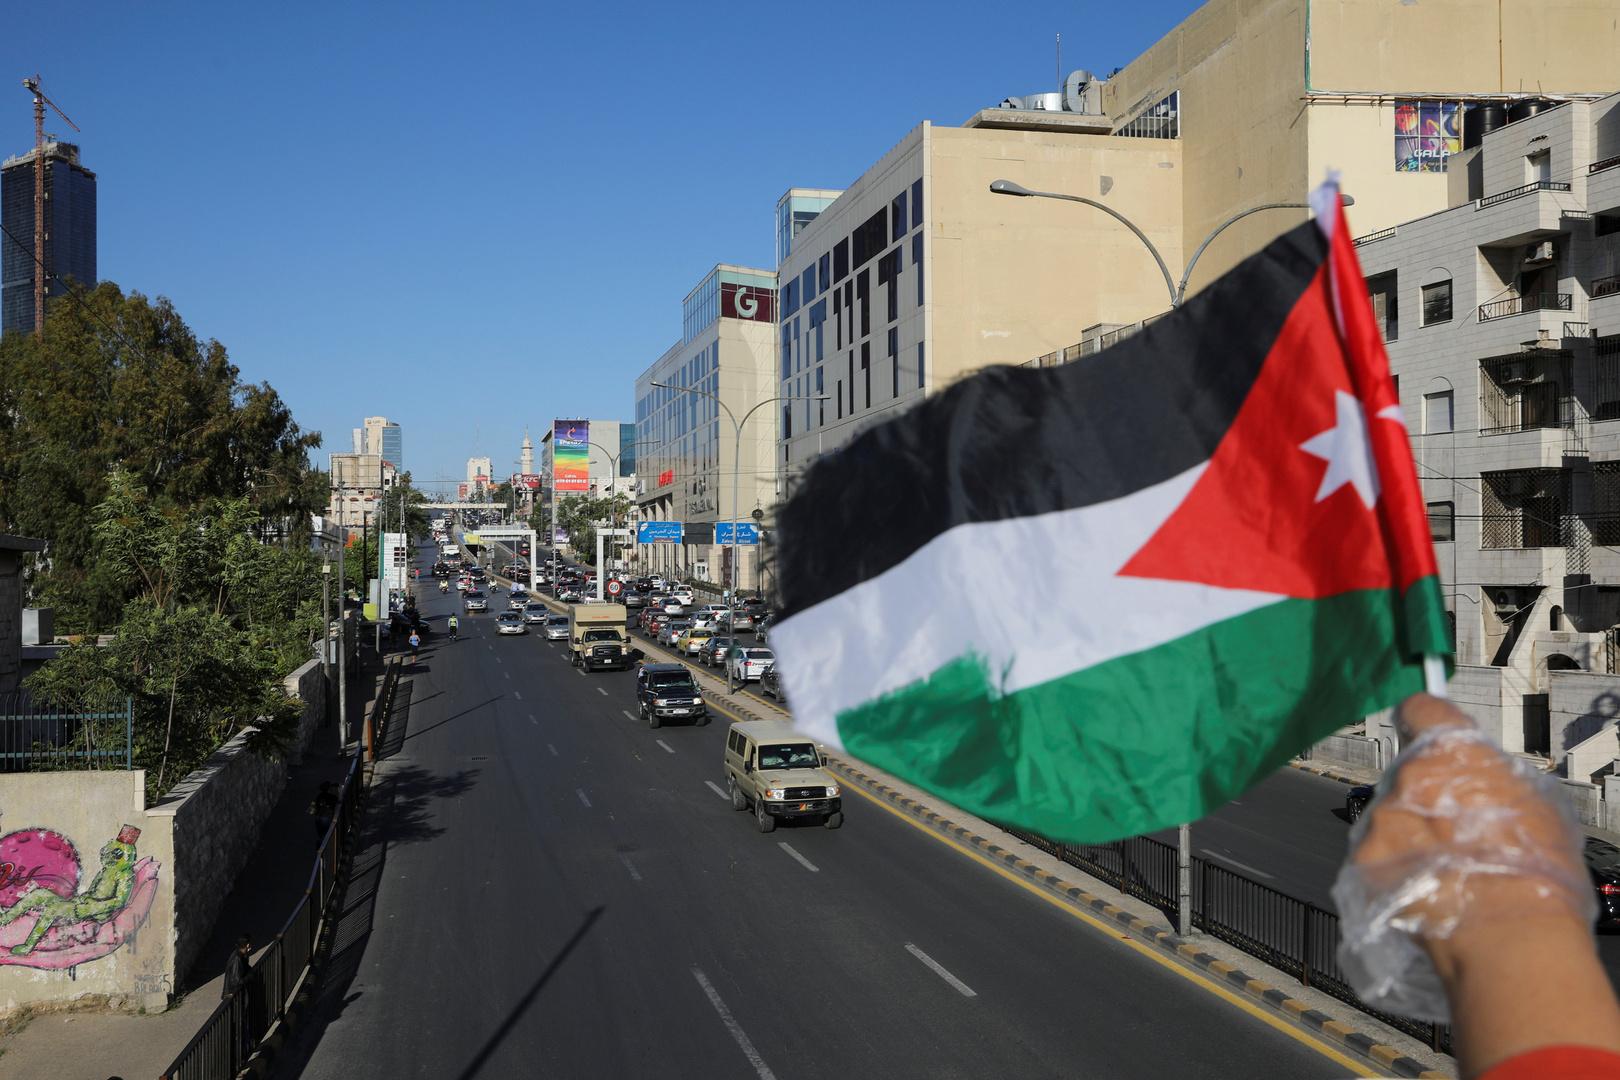 رئيس مجلس النواب الأردني يلتقي القائم بأعمال السفارة السورية